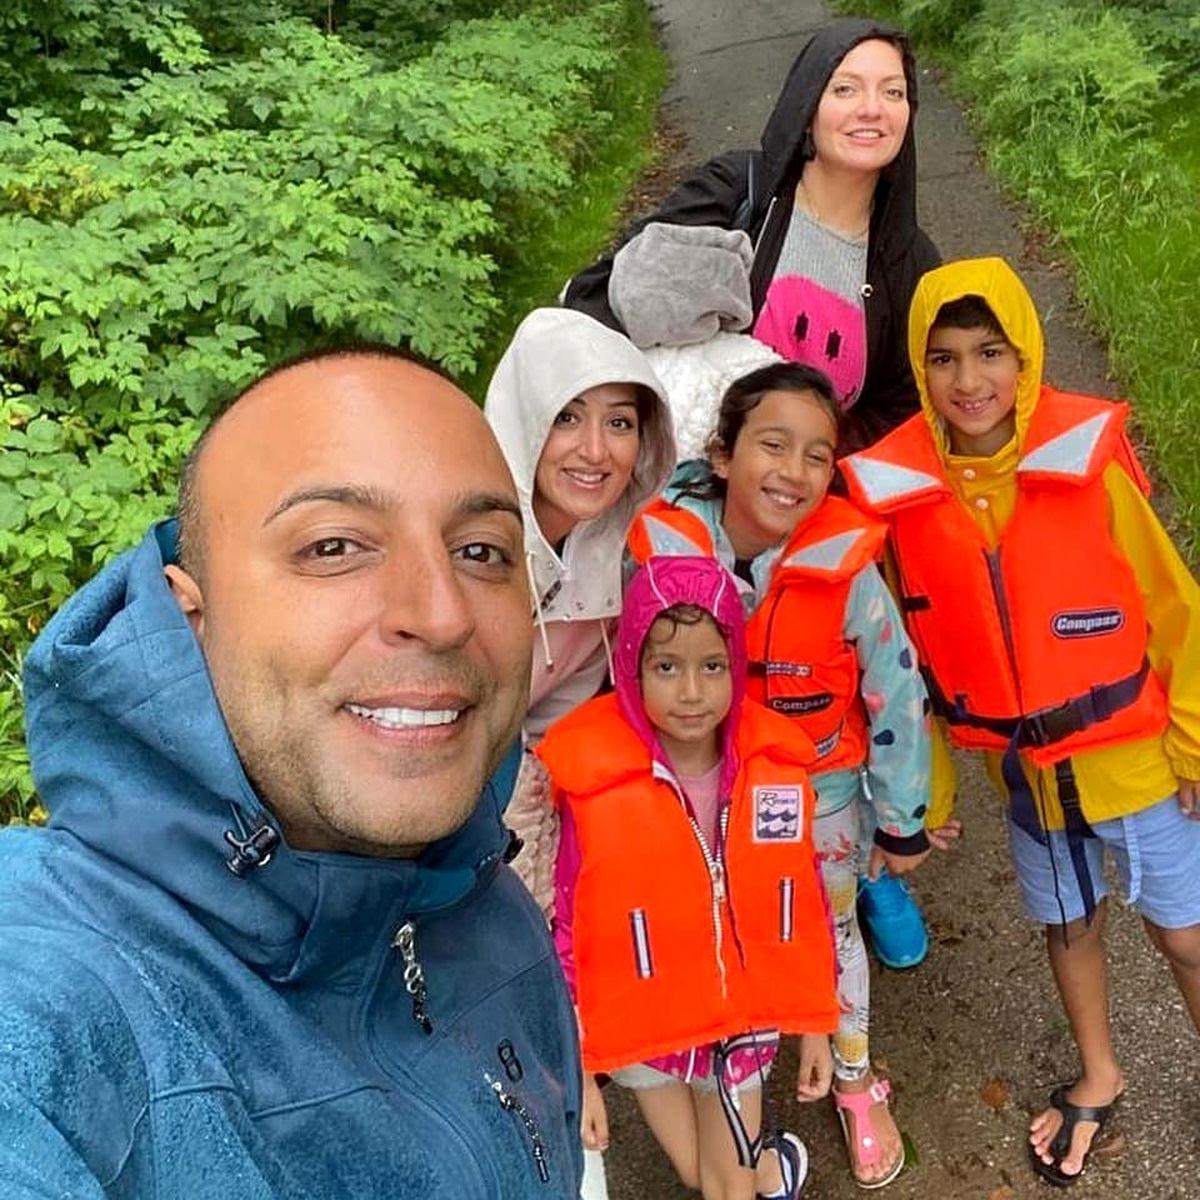 خوشگذرانی مهناز افشار با خواننده لس آنجلسی و خانواده اش /عکس